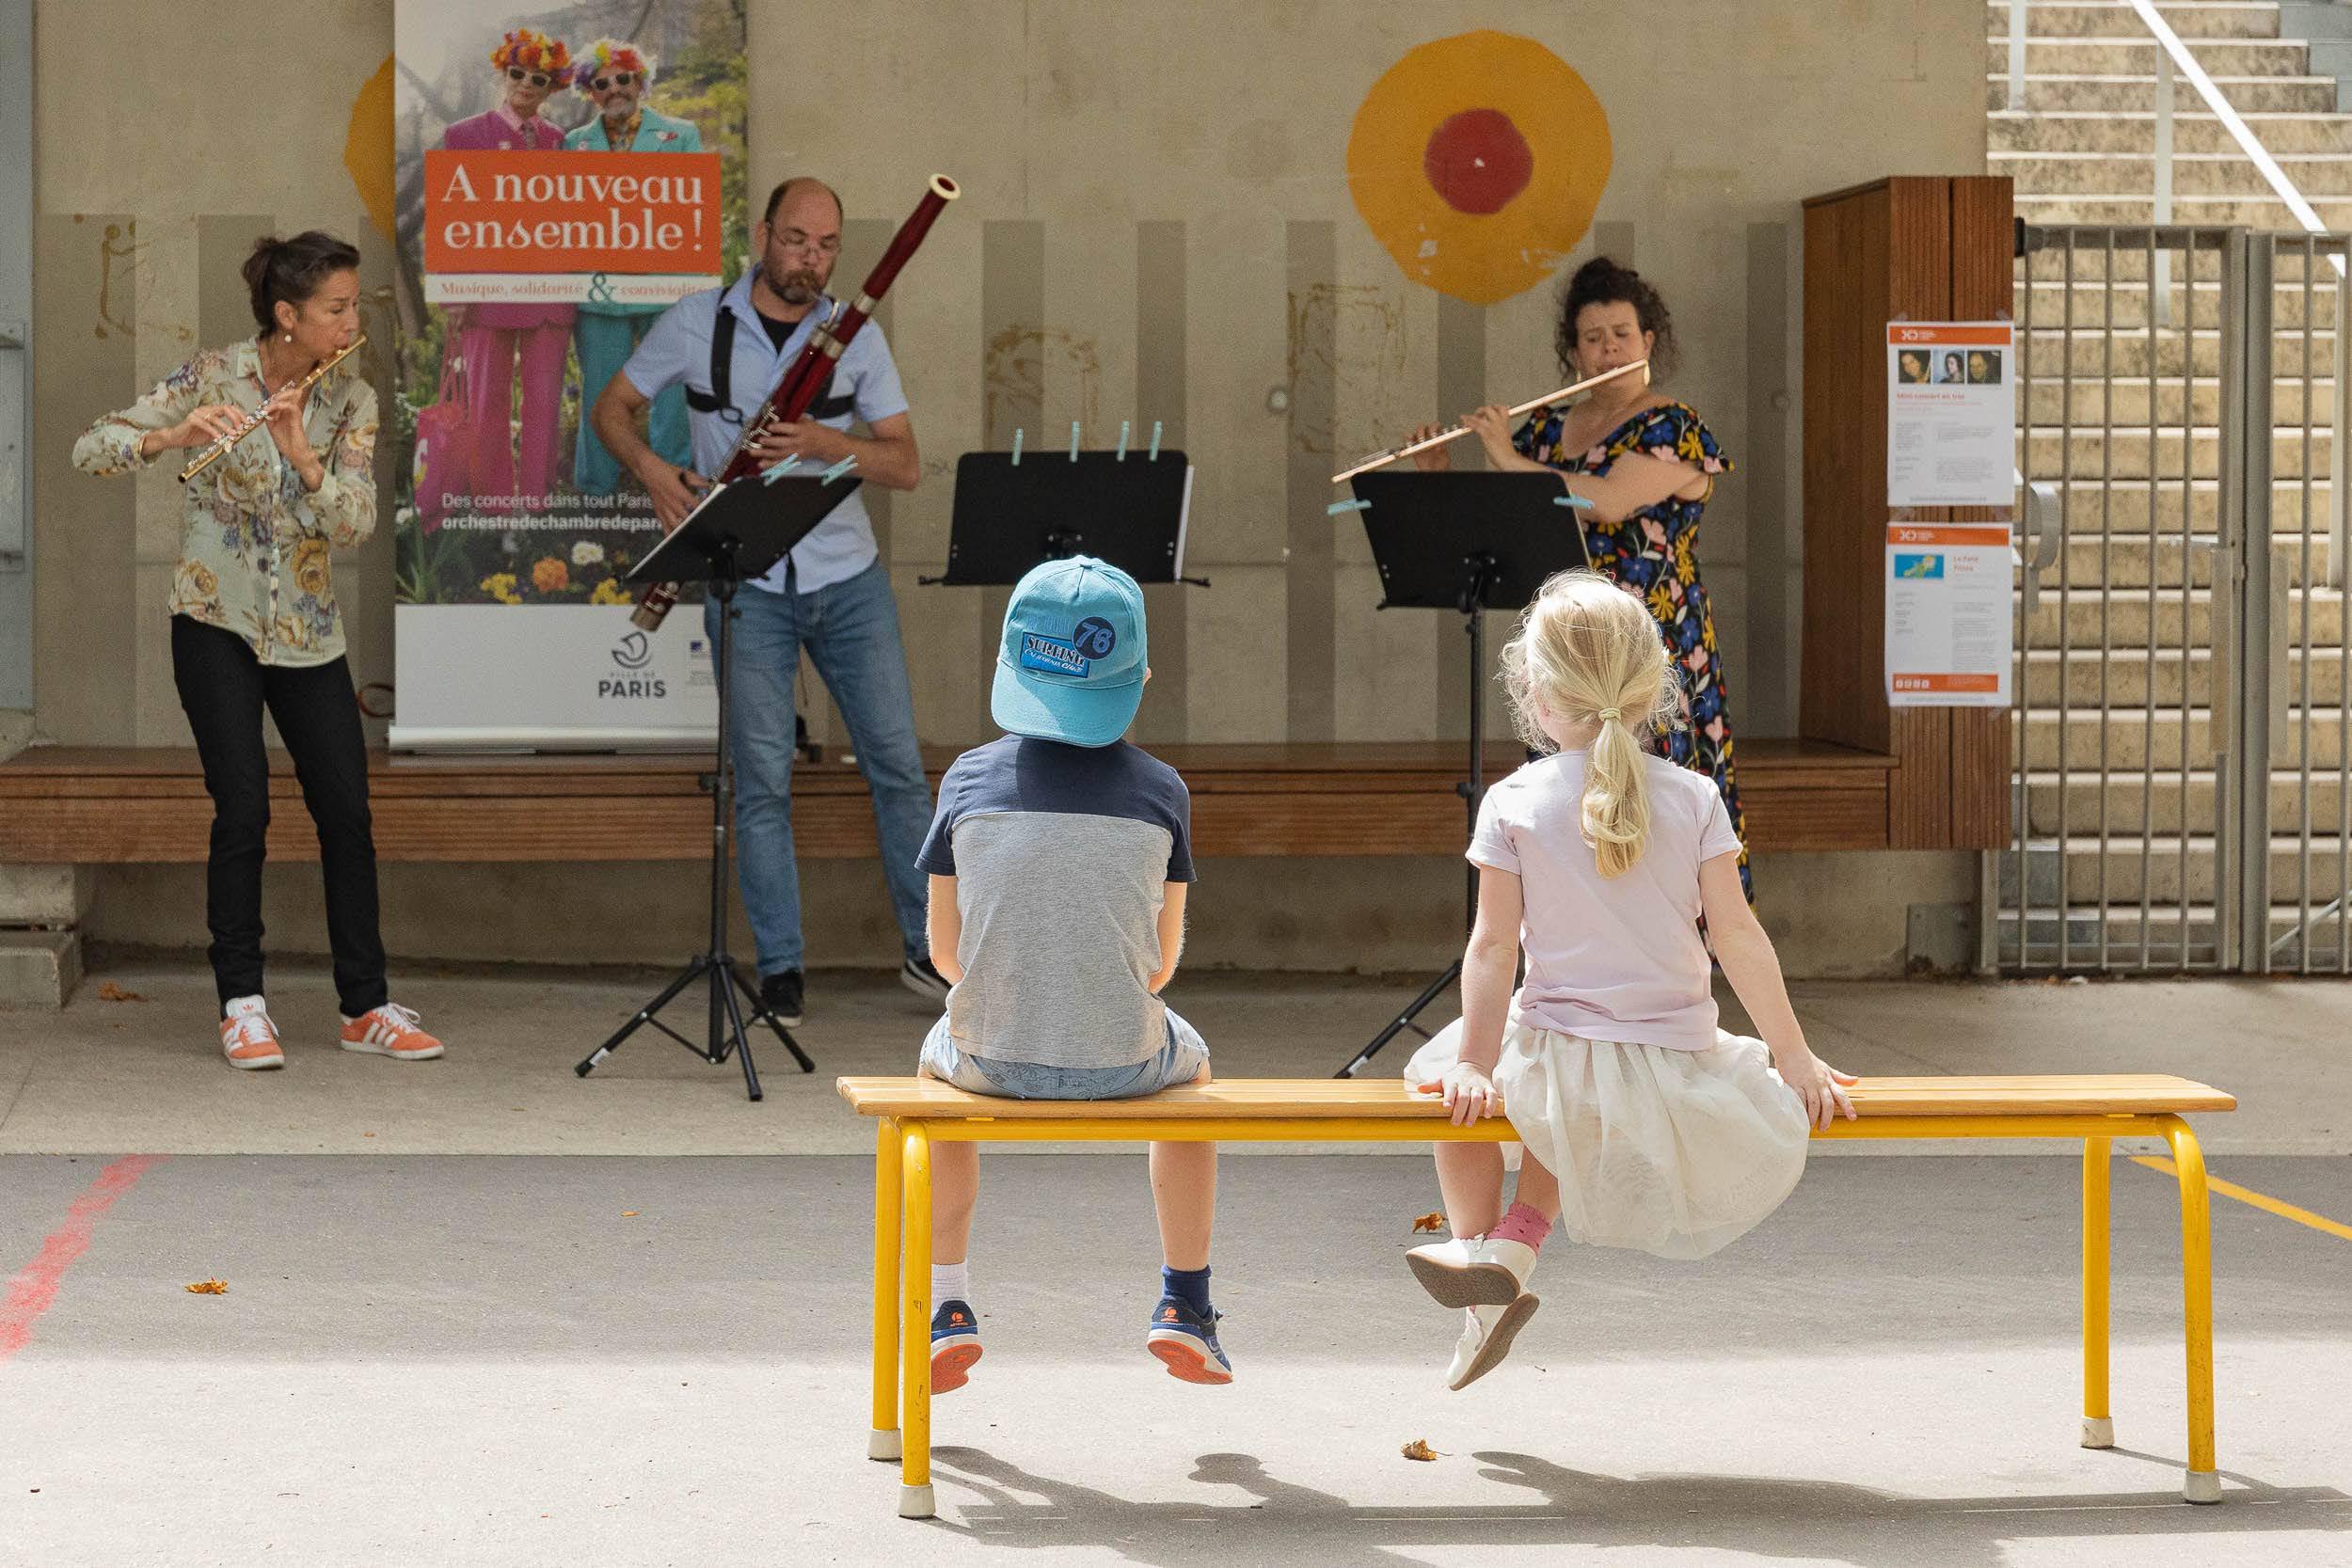 Ouverture des cours d'écoles le samedi : Orchestre de Chambre de Paris dans la cour d'école Servan (11e)